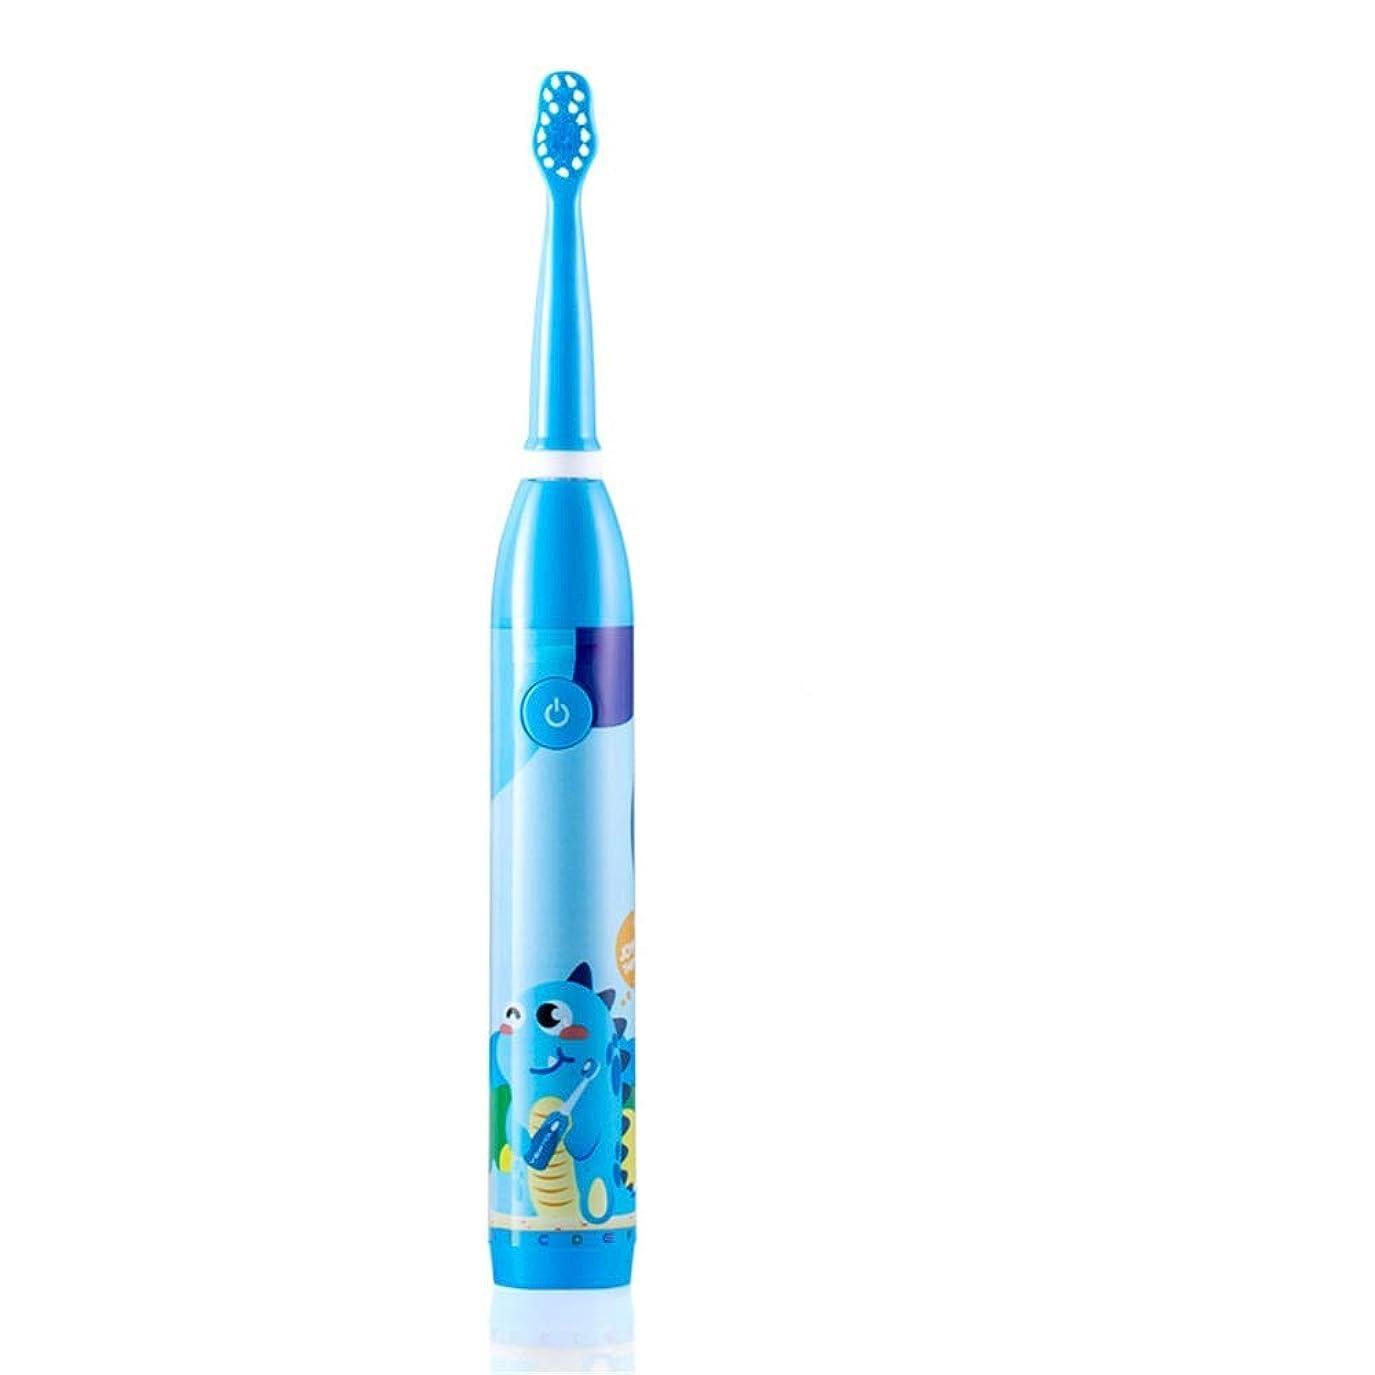 許容できるブランク行う電動歯ブラシ 子供のための適切な子供の電動歯ブラシUSB充電式防水保護ホワイトニング6-12 ケアー プロテクトクリーン (色 : 青, サイズ : Free size)